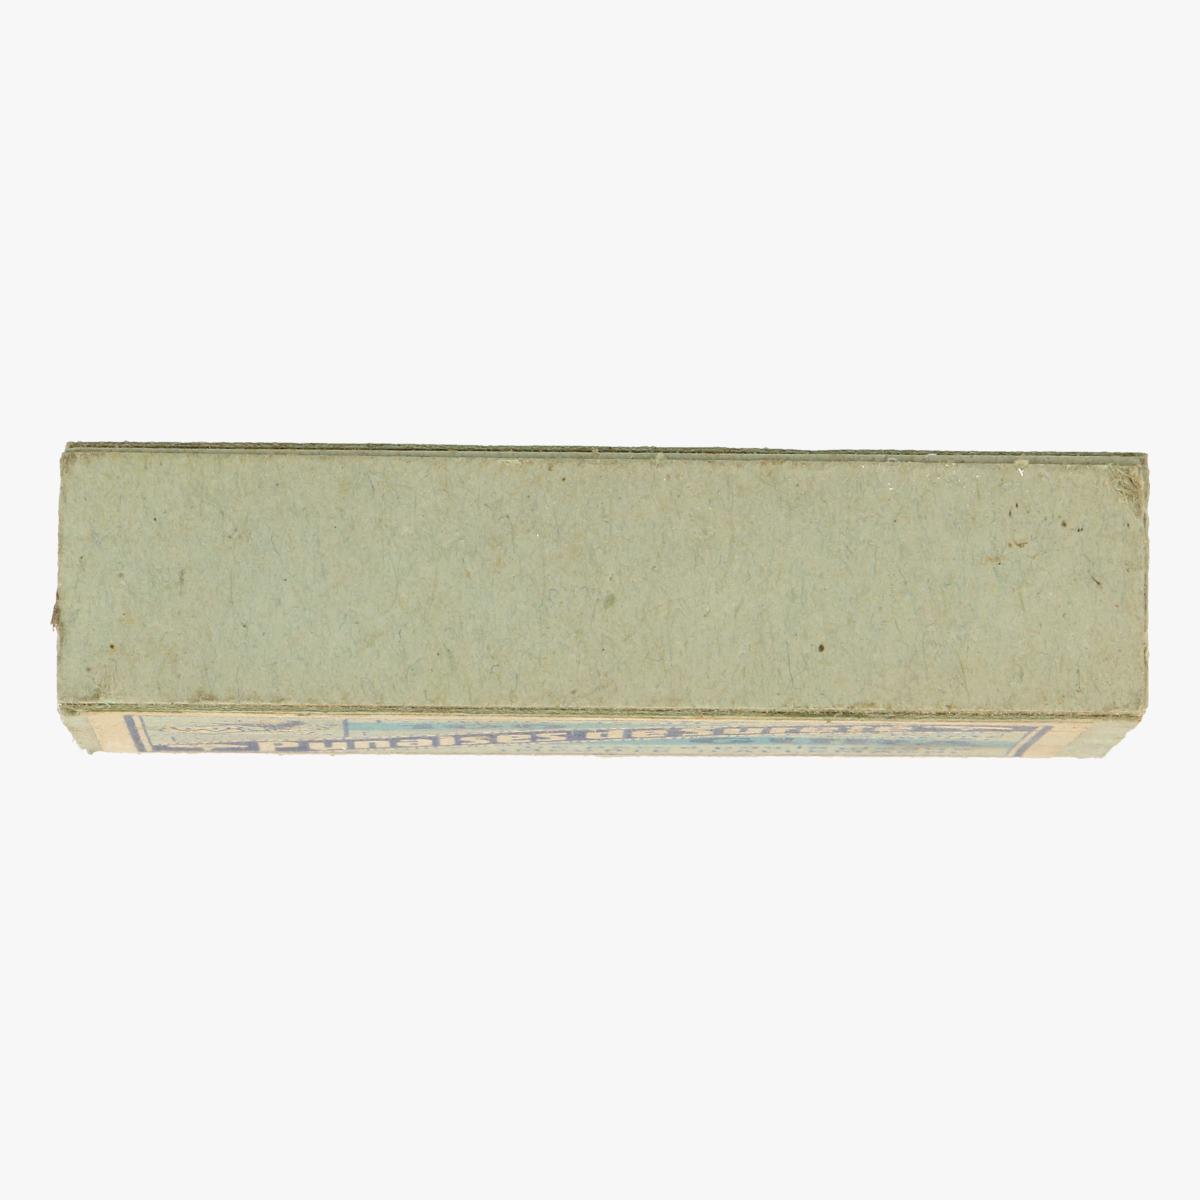 Afbeeldingen van oude doosje punaises de suereté